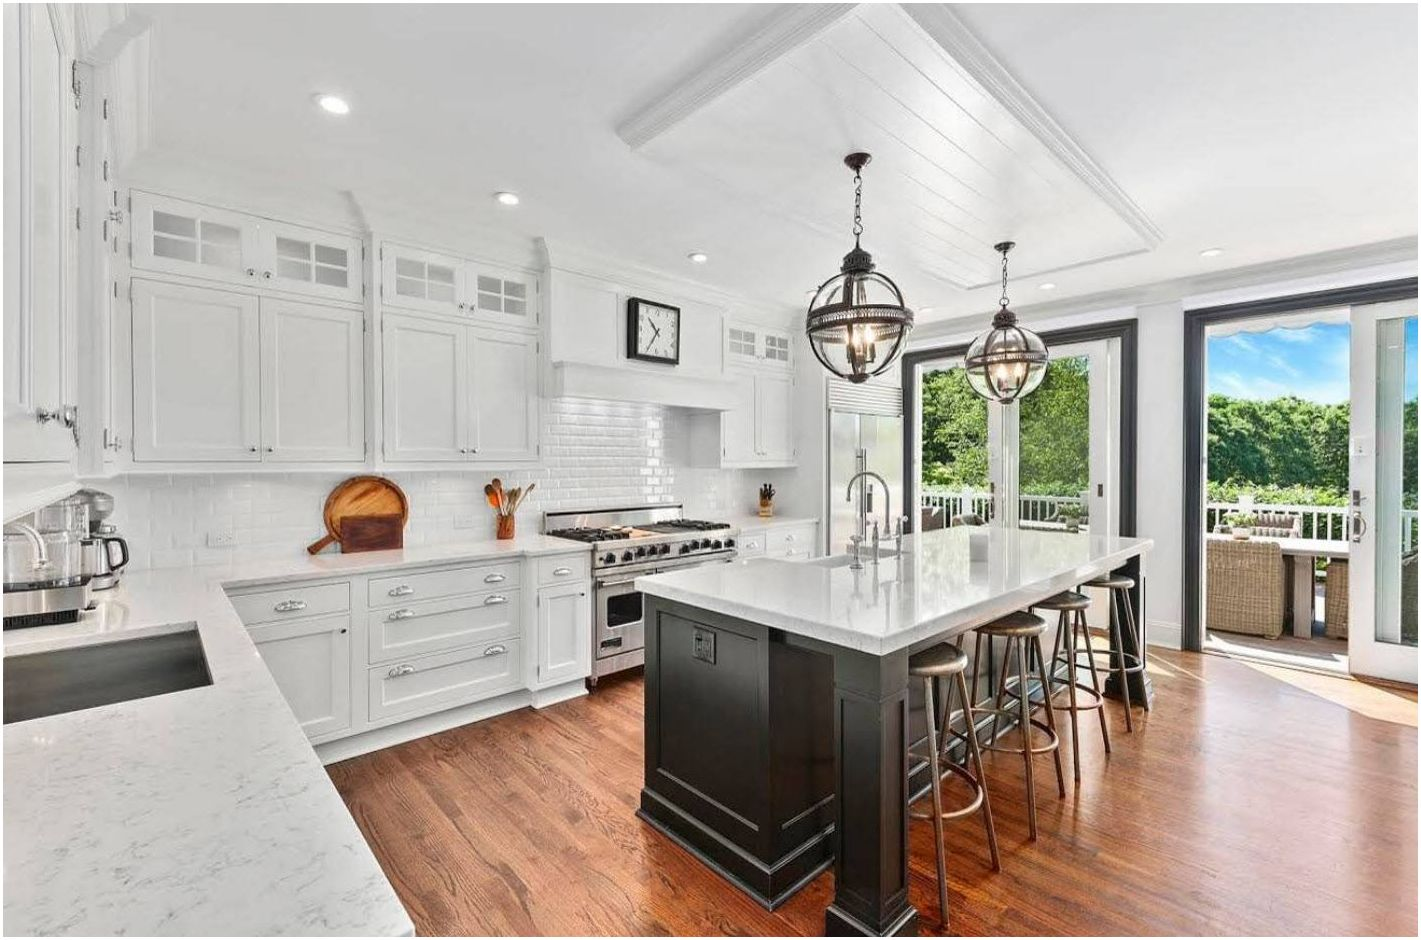 Кухня-студия 20 кв. м: зонирование комнаты в лучших дизайнерских проектах